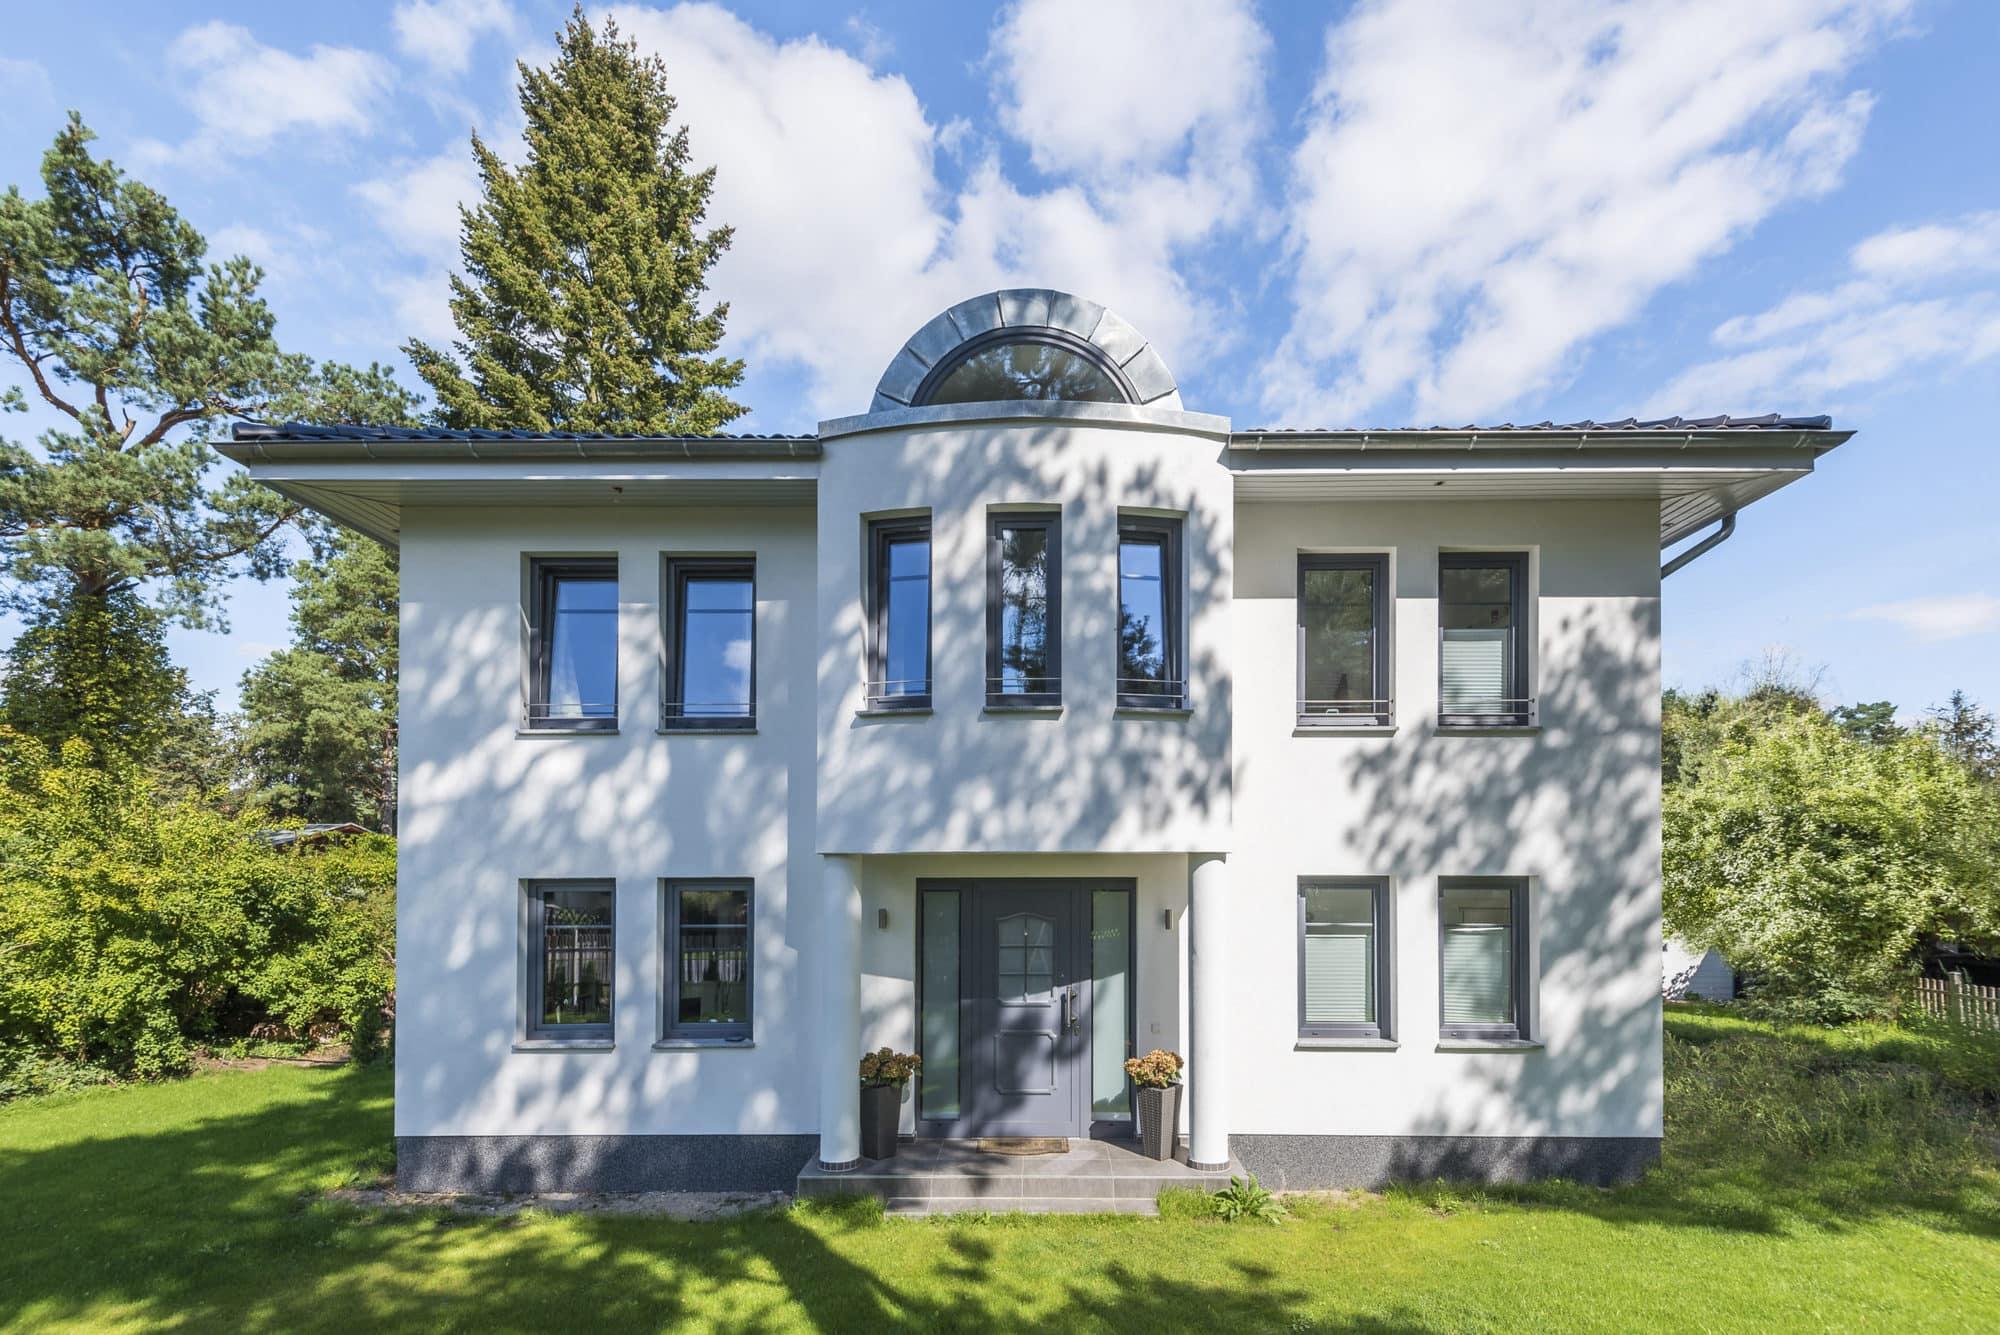 aktionshaus-stadtvilla-2-1